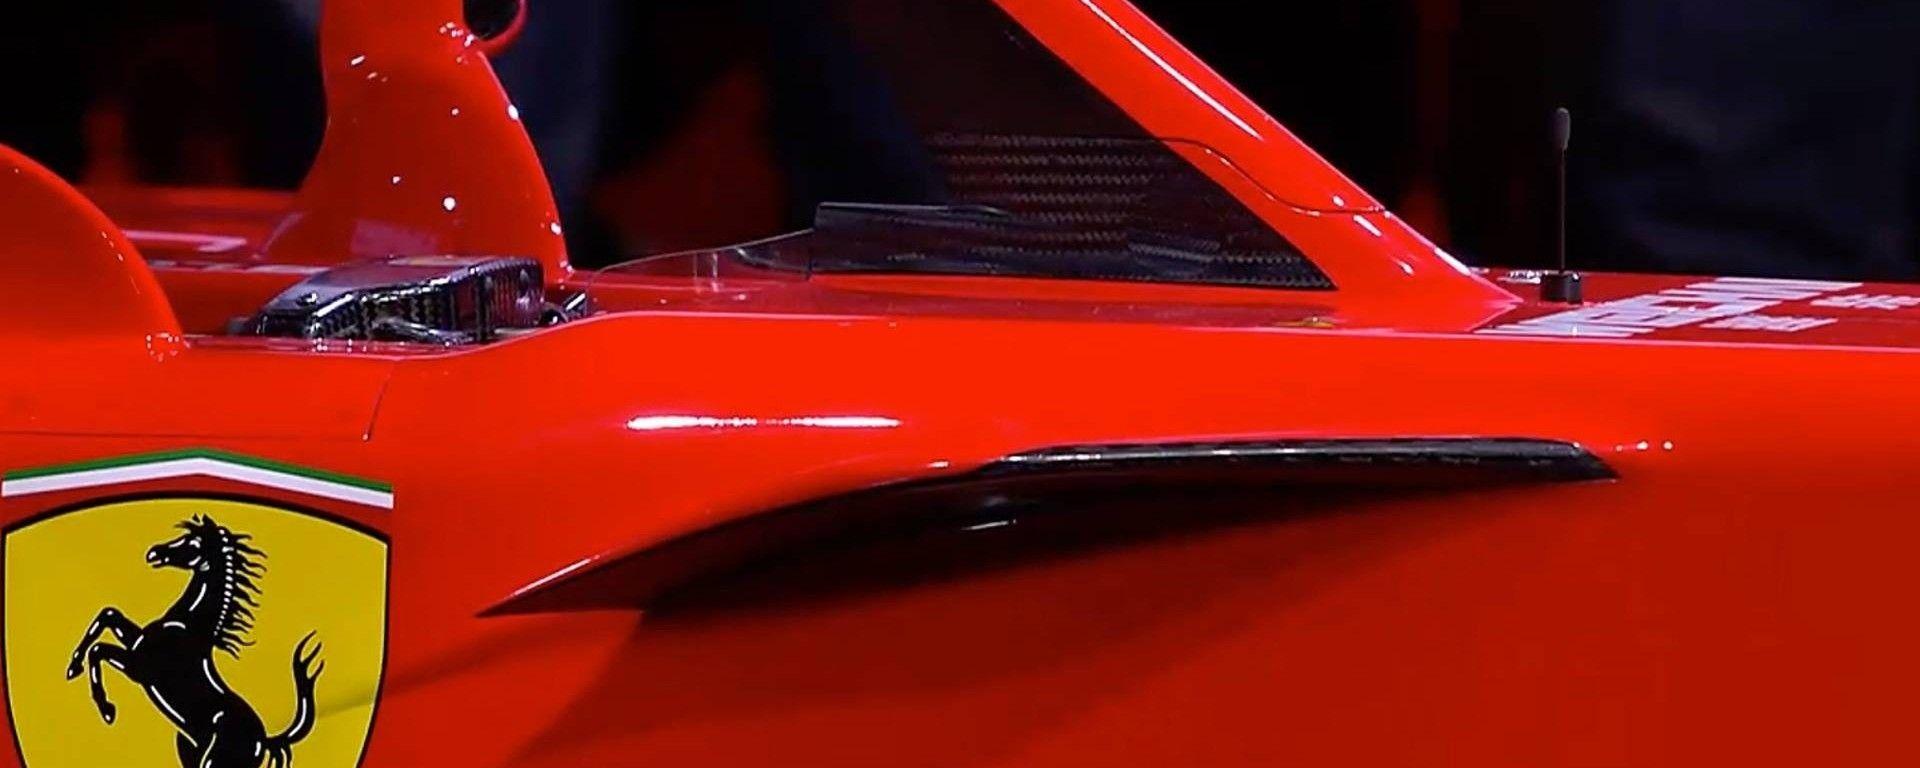 Ferrari omologa il telaio per la stagione di F1 2019